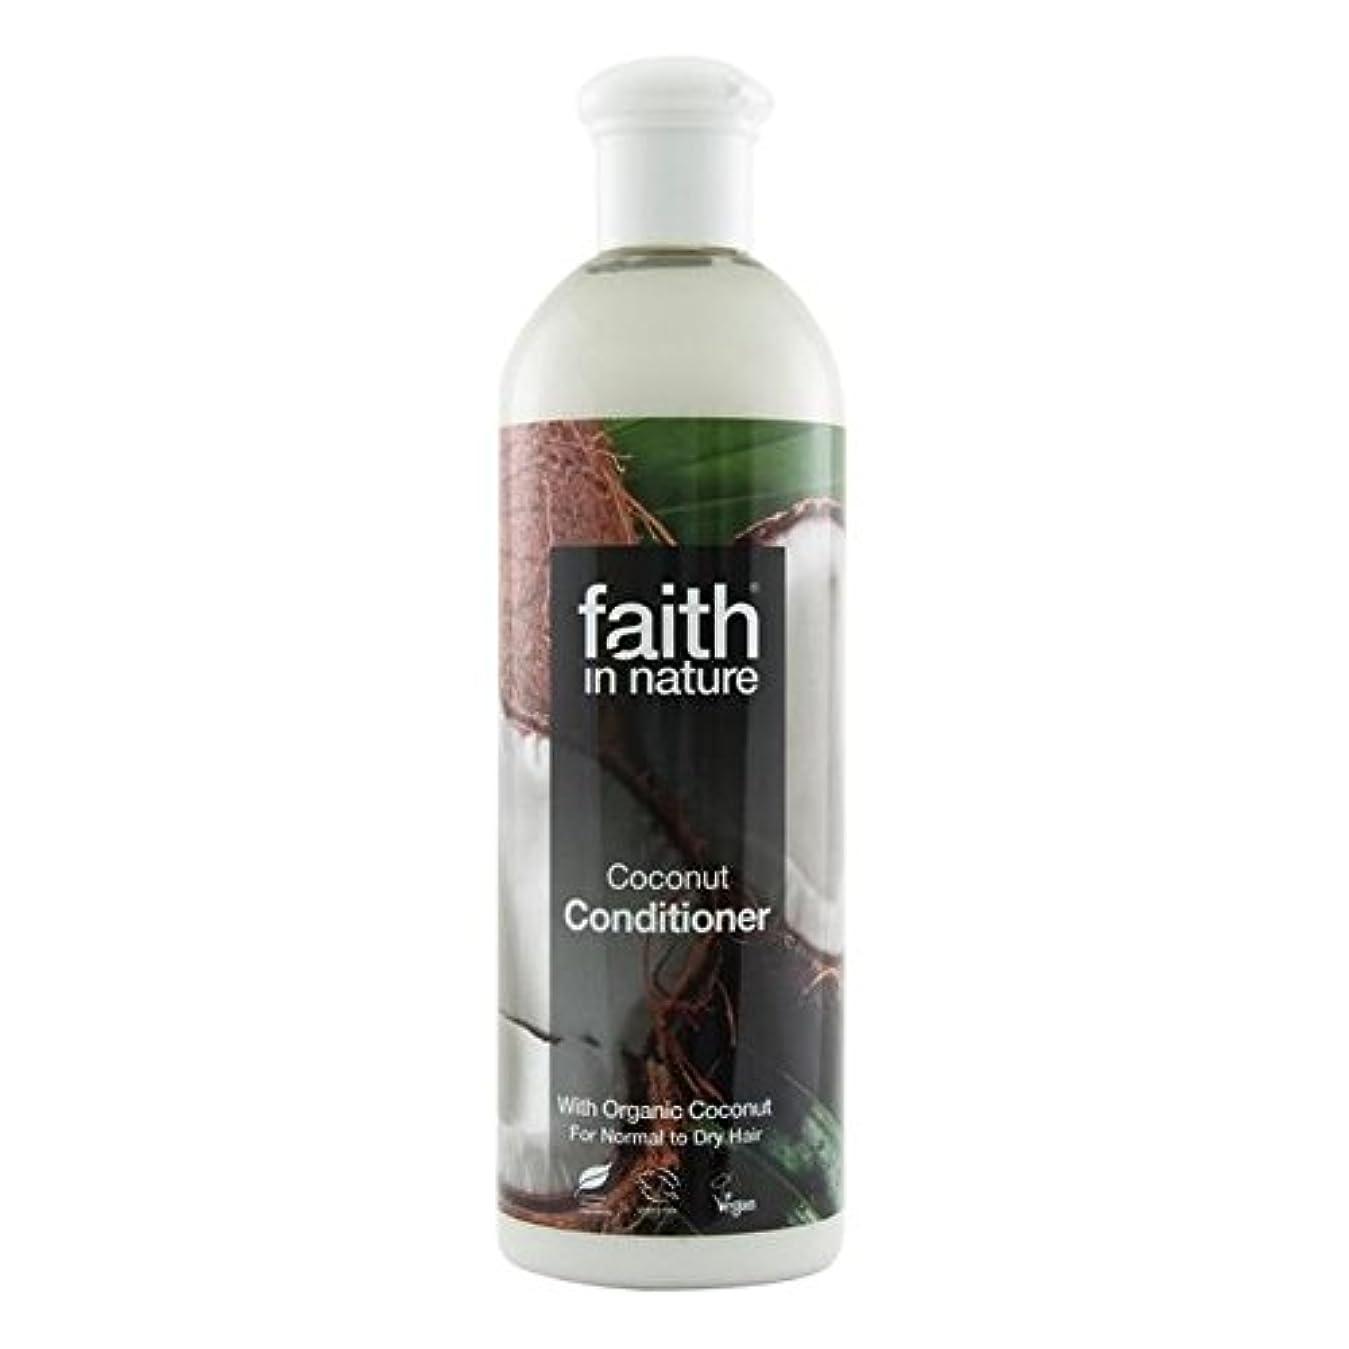 平らなはしご修理可能Faith in Nature Coconut Conditioner 400ml (Pack of 4) - (Faith In Nature) 自然ココナッツコンディショナー400ミリリットルの信仰 (x4) [並行輸入品]